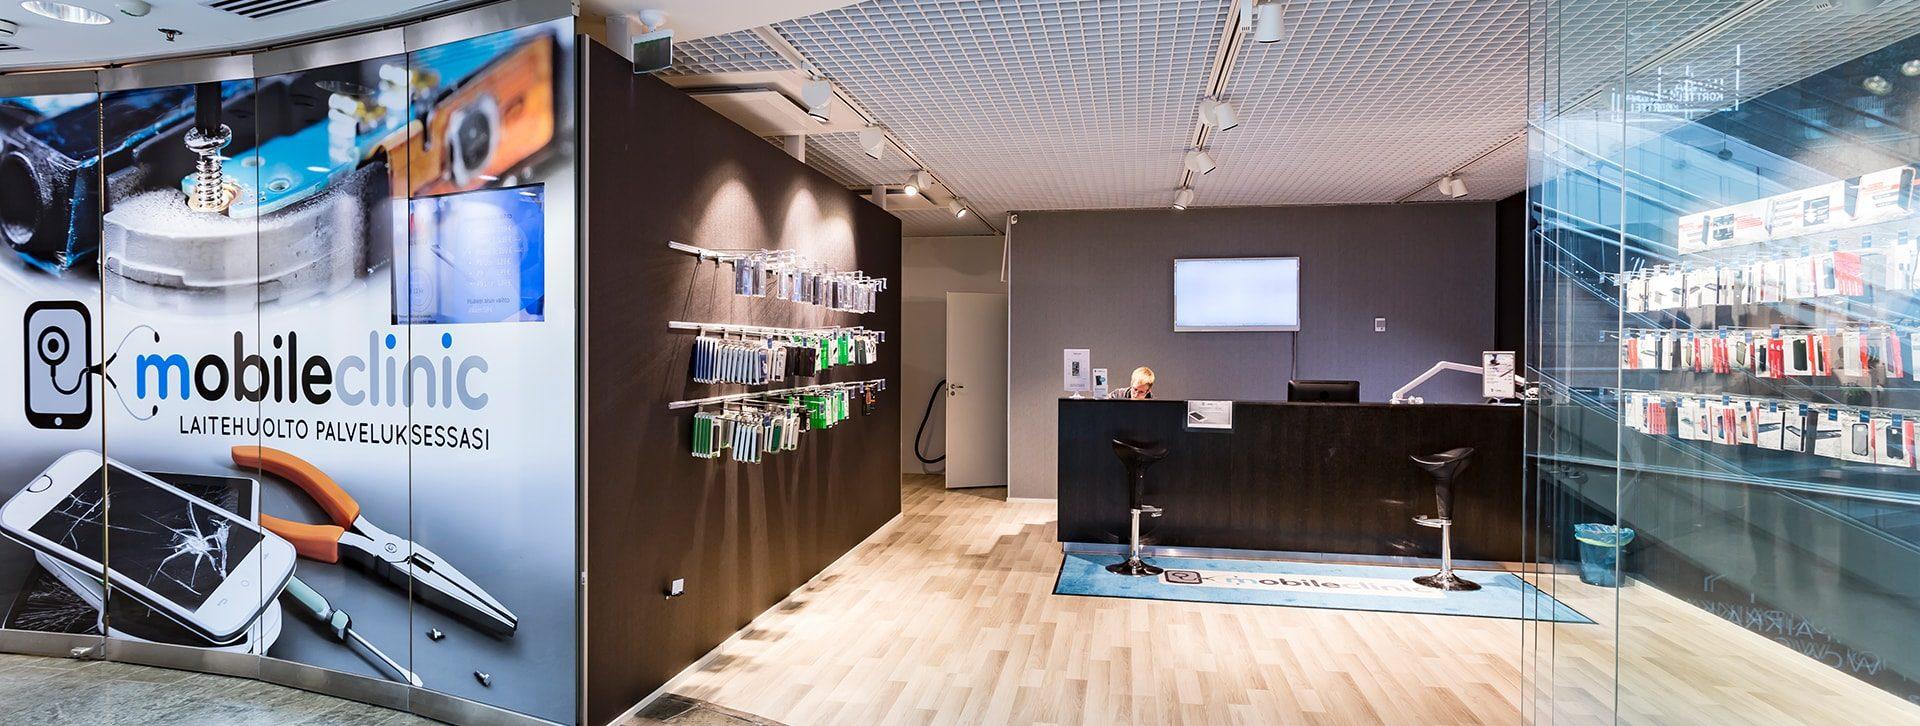 hansakortteli_mobile_clinic